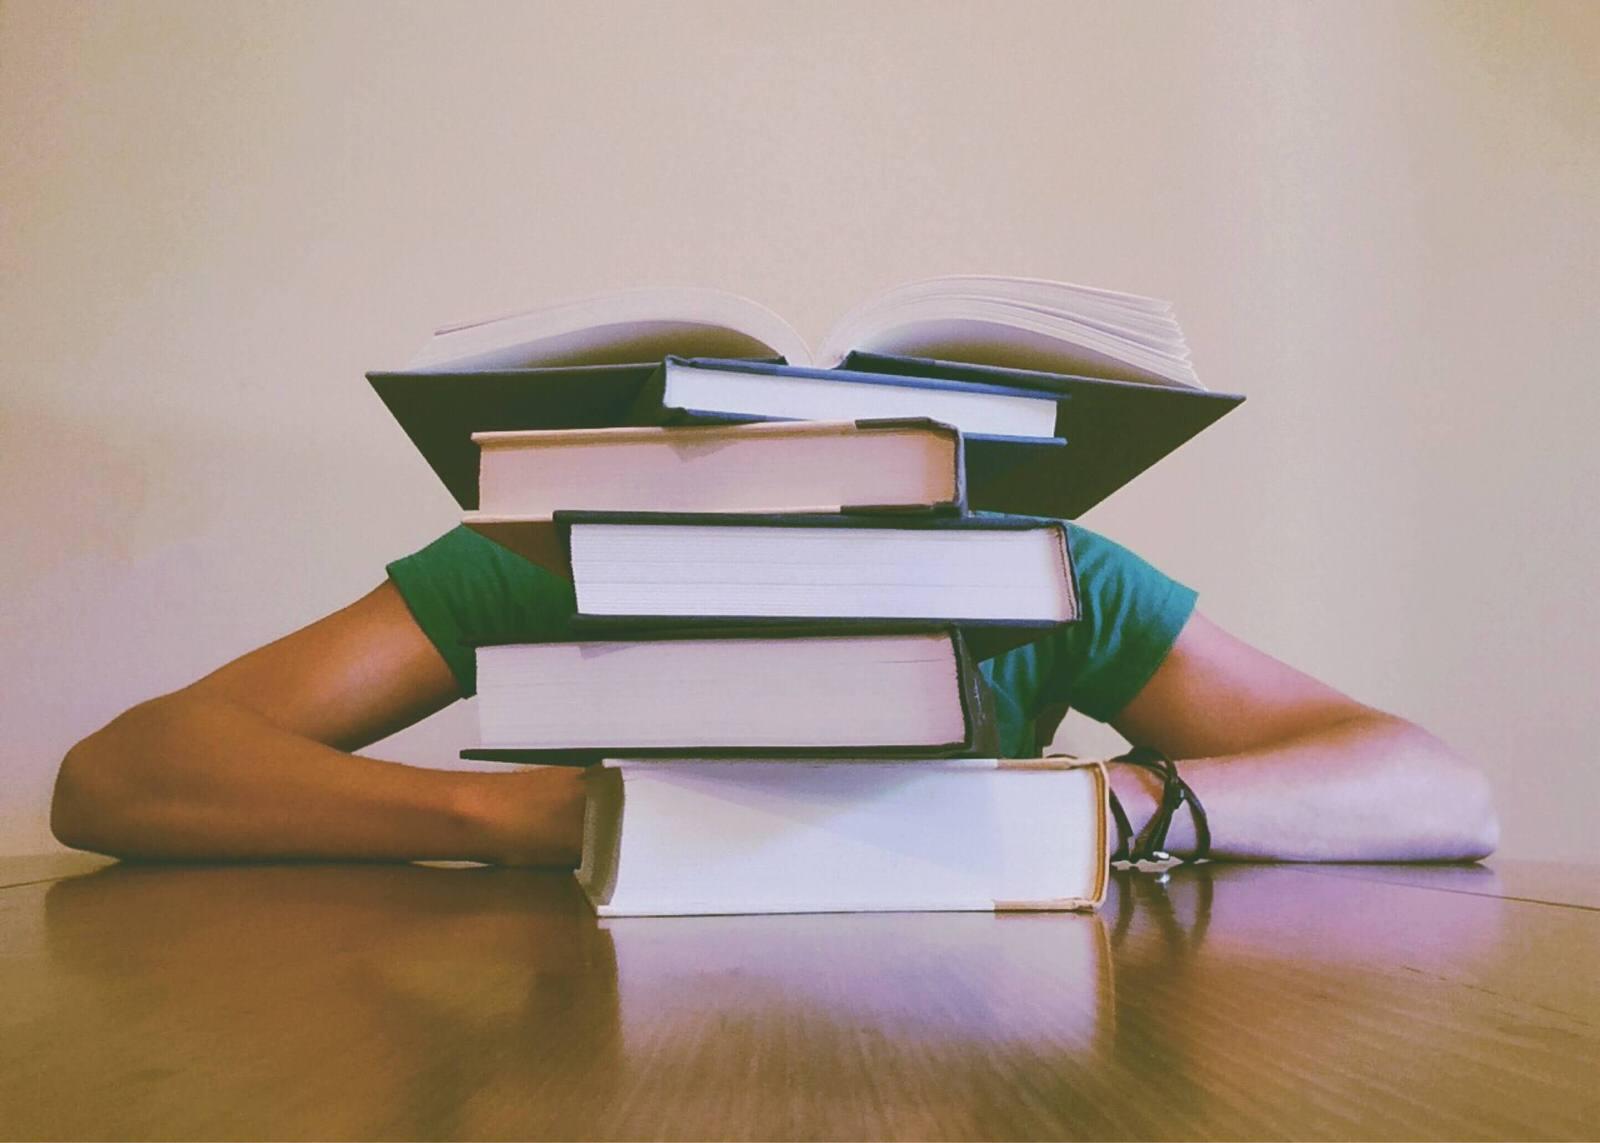 Конкурс для випускників шкіл та 10-ти класників 2014 року - UniverPL